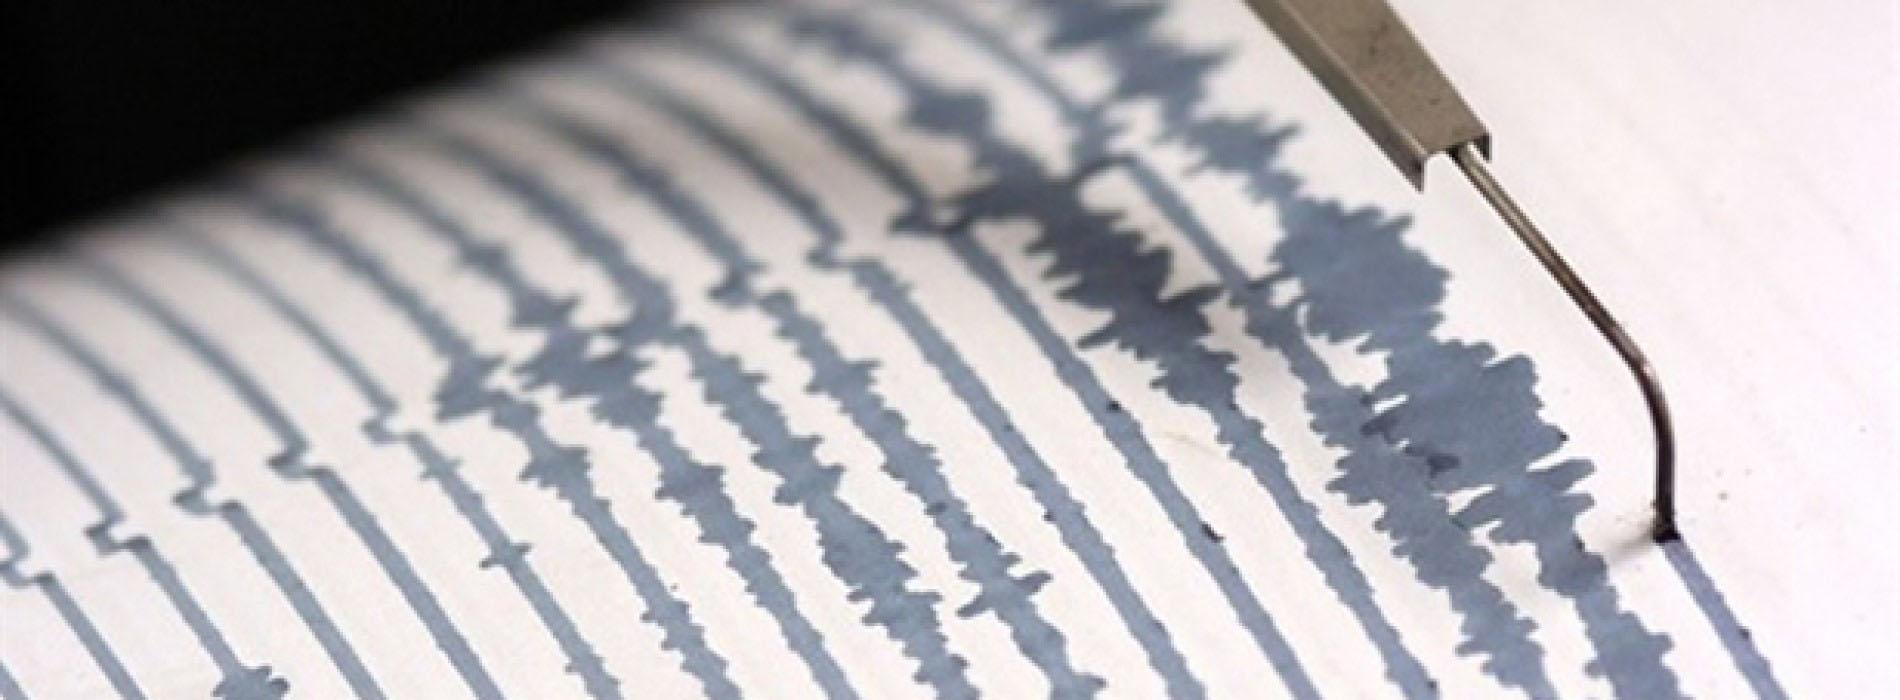 El terremoto se produjo en áreas del parque nacional de Jiuzhaigo a las 21:19 hora local del país